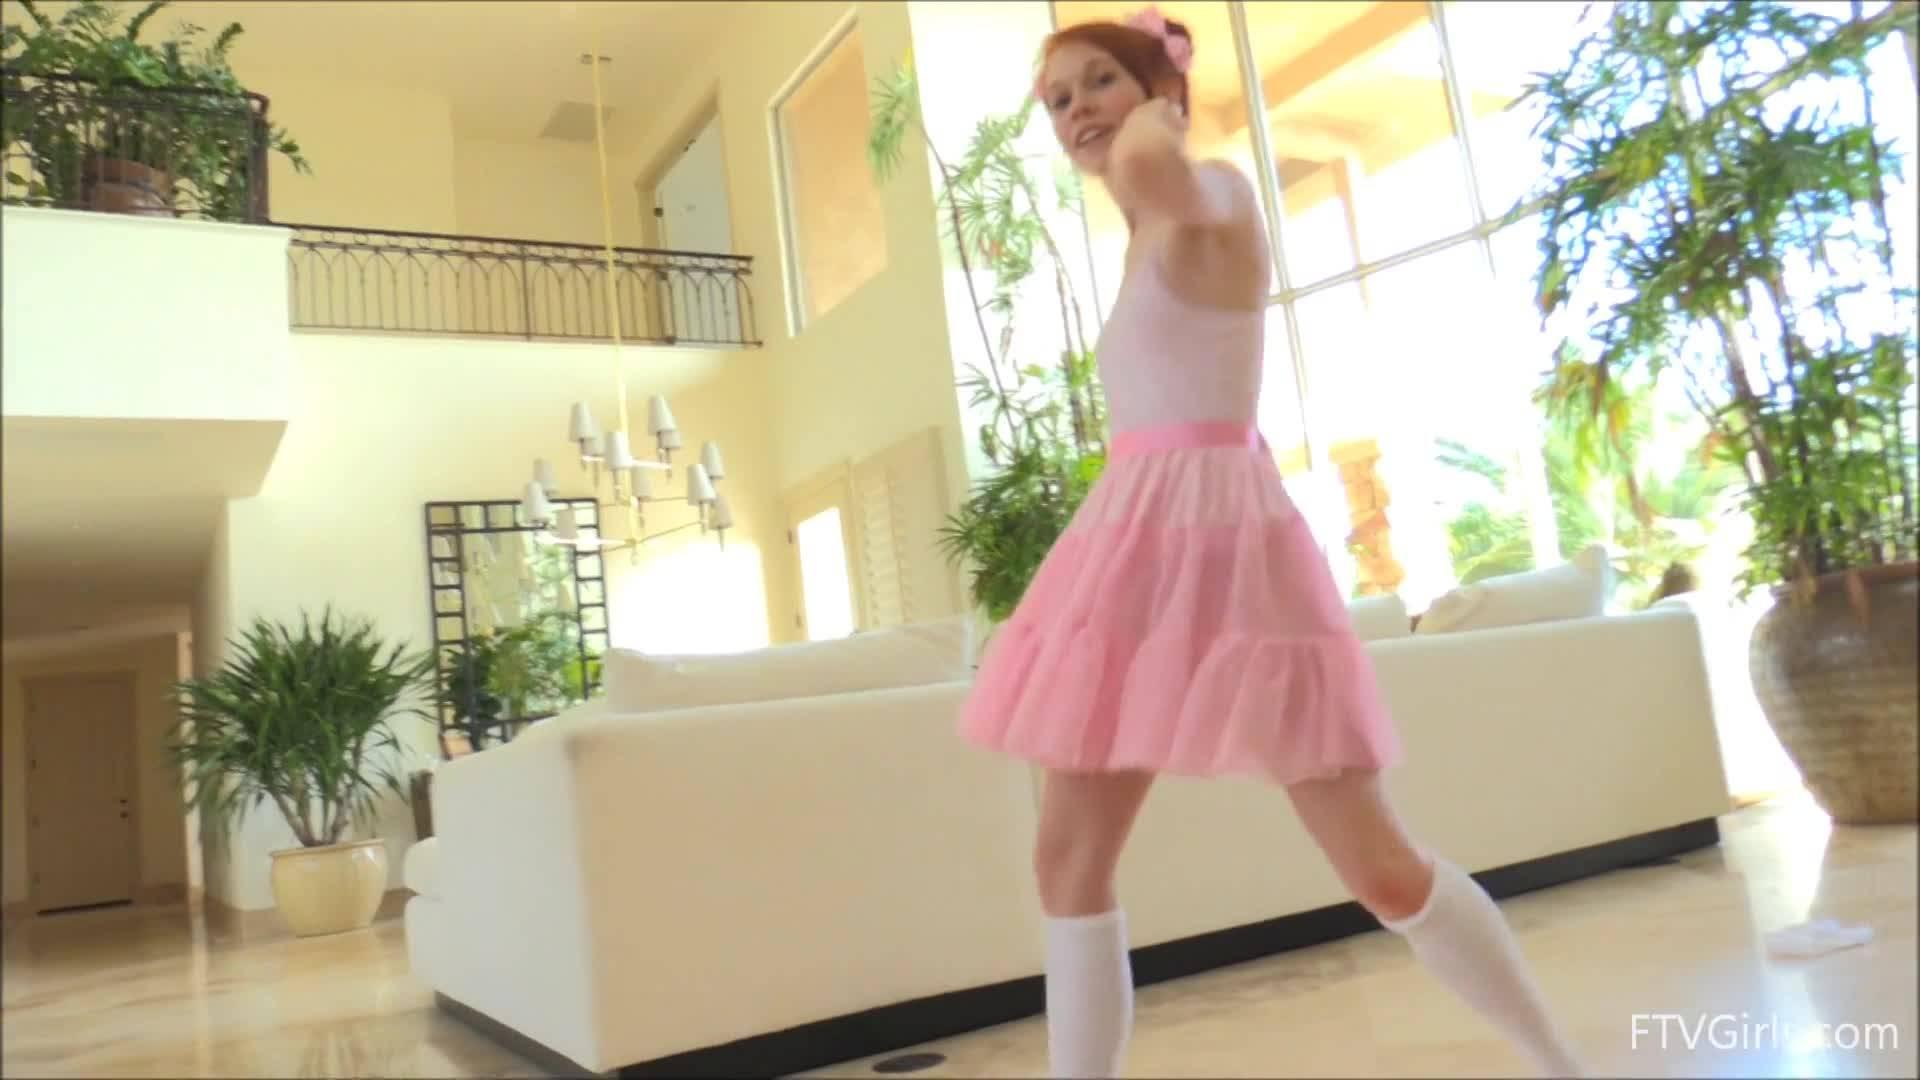 Балерина засунула в вагину жестяную банку